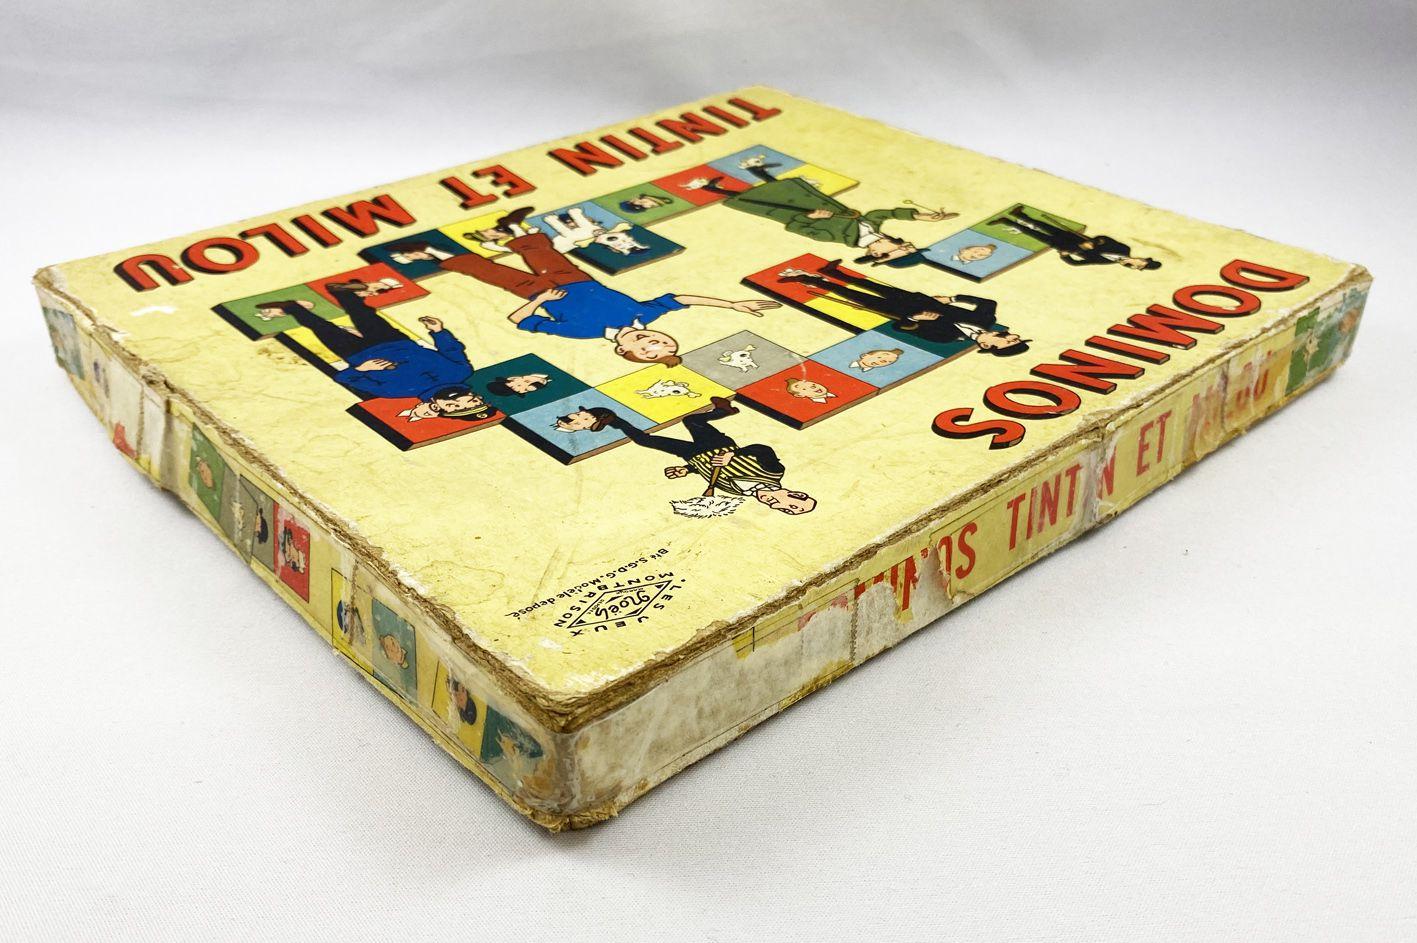 Tintin - Noël Montbrison 1969 Dominos Game